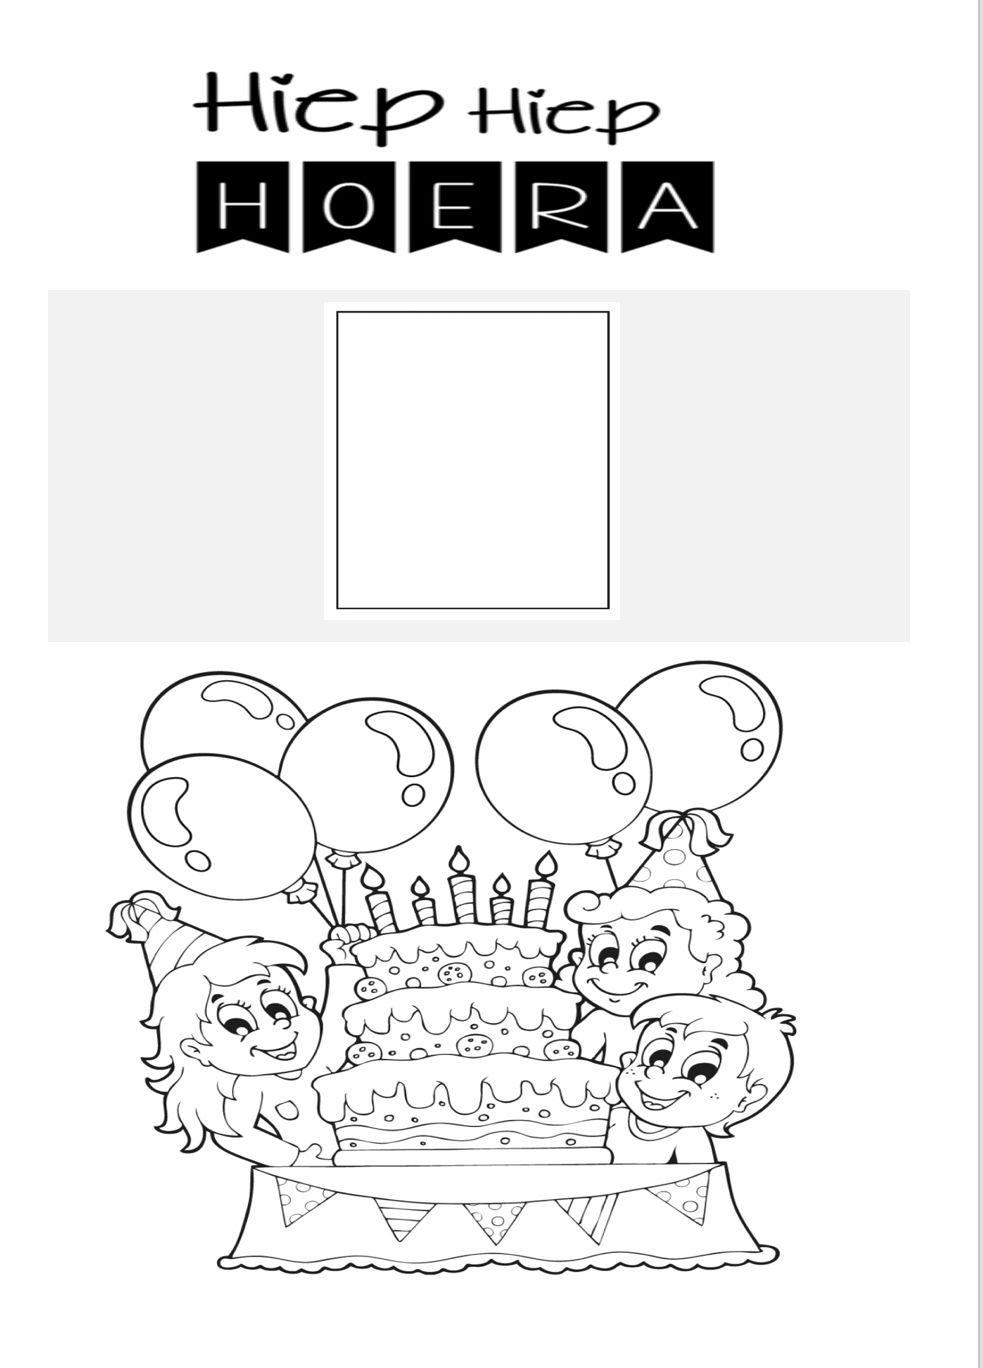 Kleurplaat Om Te Laten Maken Door De Jarige Met Een Vakje Om Een Verjaardagsfoto In Te Plakken Verjaardagsfoto S Kleurplaten Verjaardag